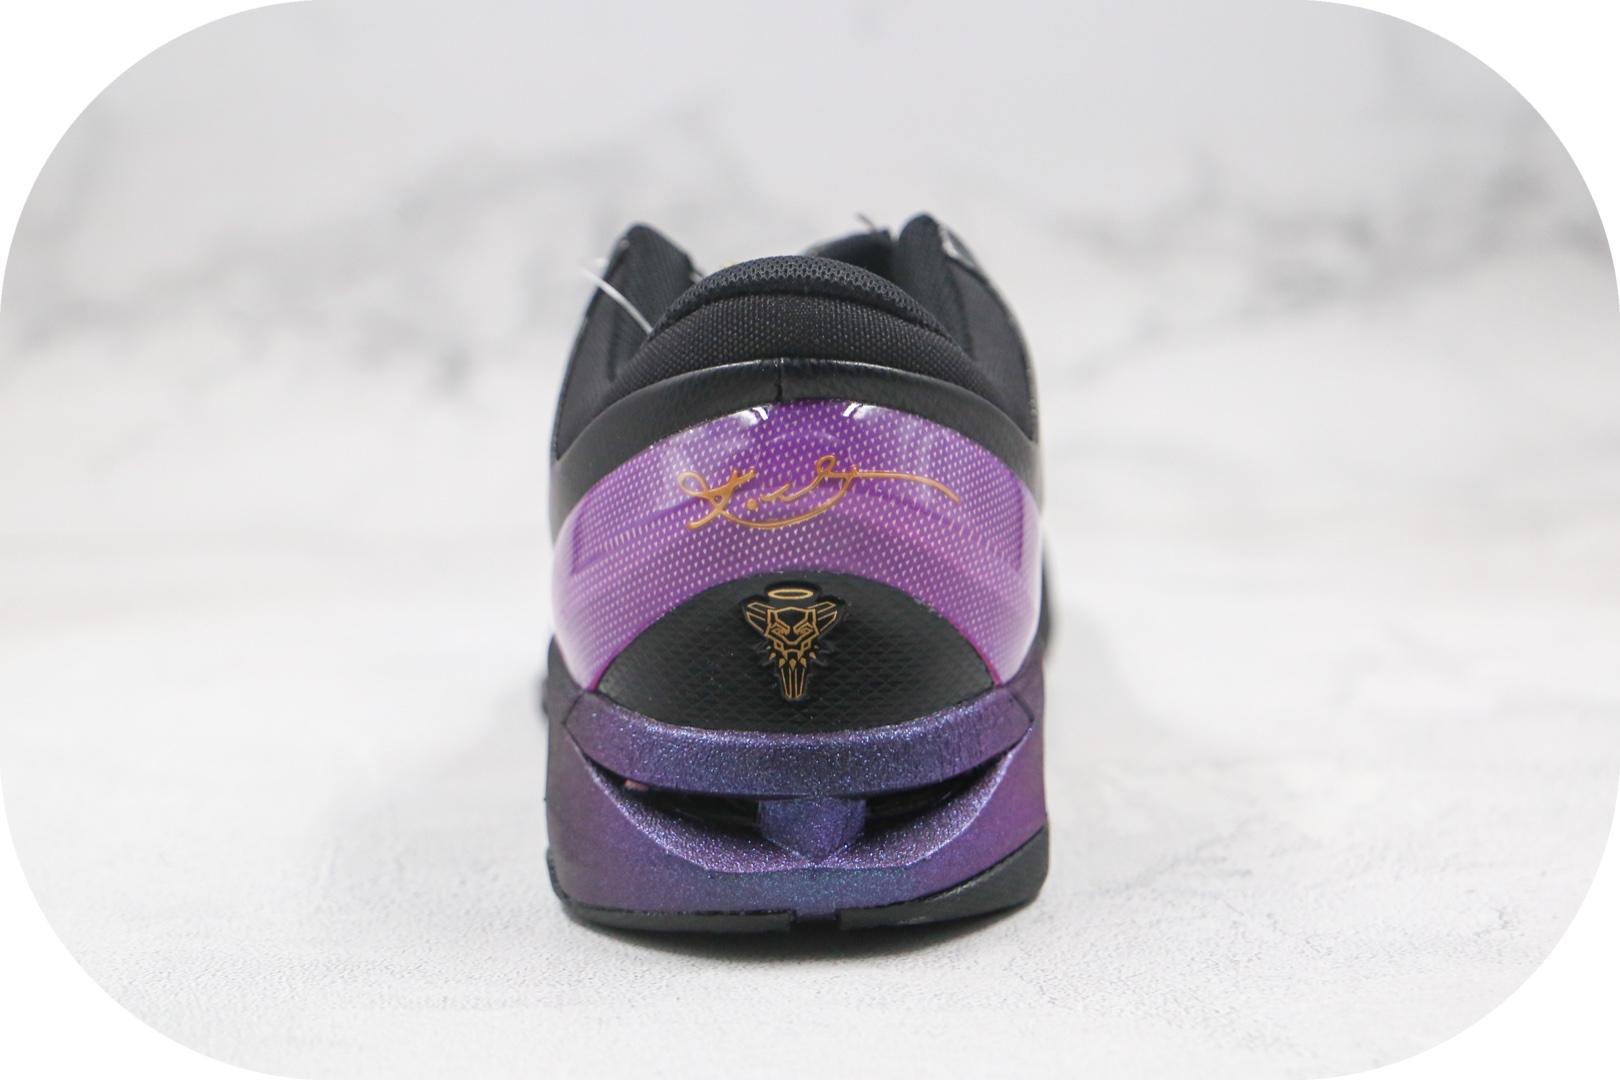 耐克Nike Kobe 8 System纯原版本科比8代紫金色篮球鞋内置气垫碳板支持实战 货号:511371-005